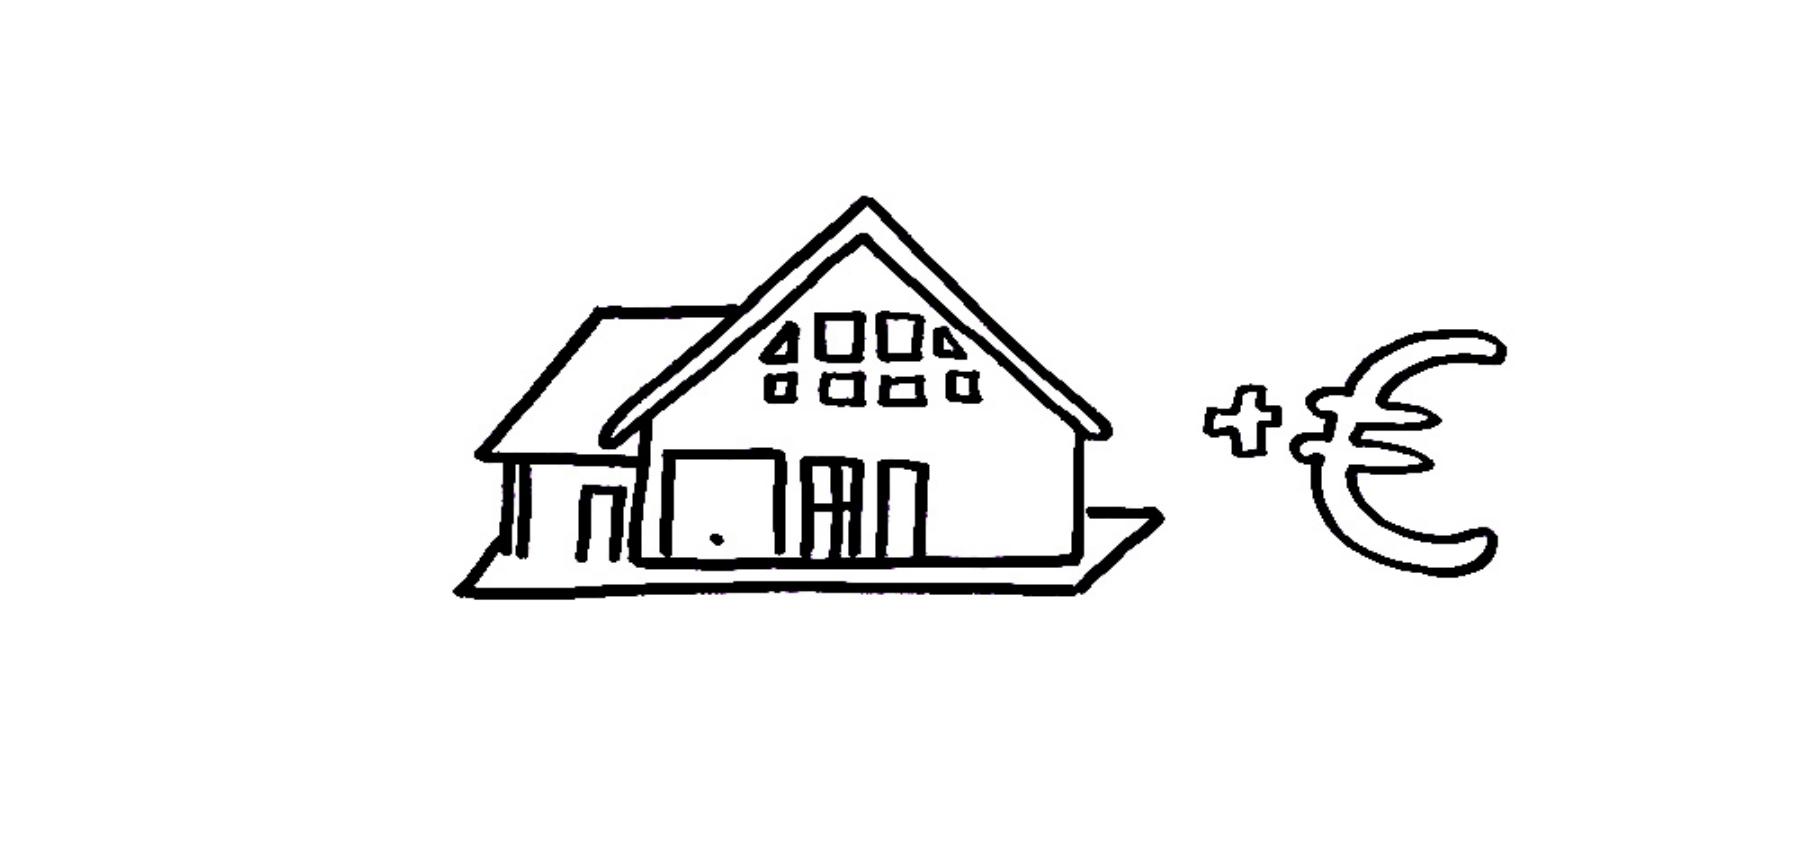 kredit f r den bau eines hauses in sterreich. Black Bedroom Furniture Sets. Home Design Ideas